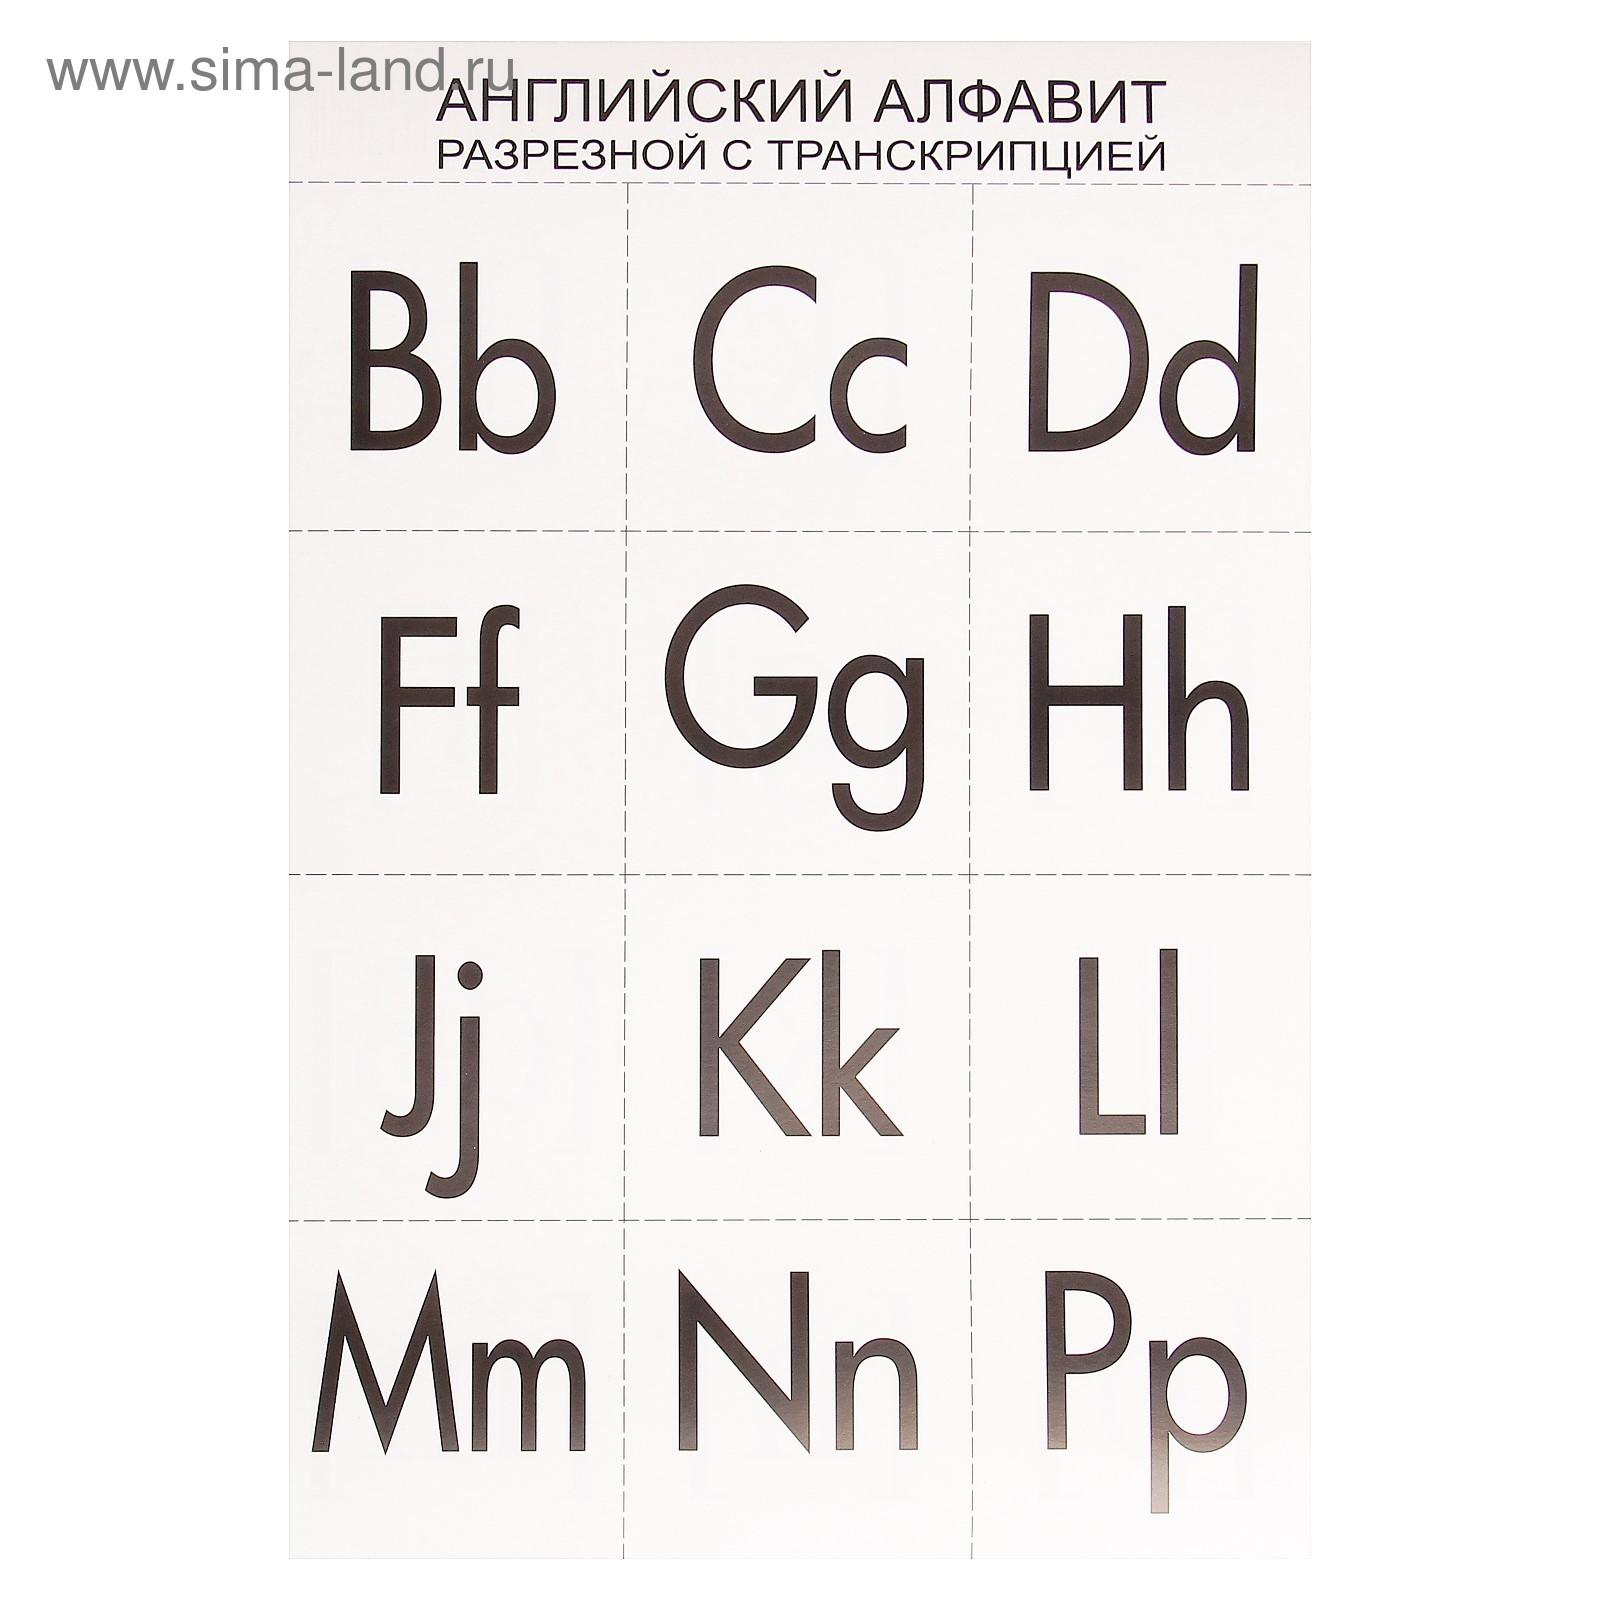 Английский алфавит карточки распечатать без картинок